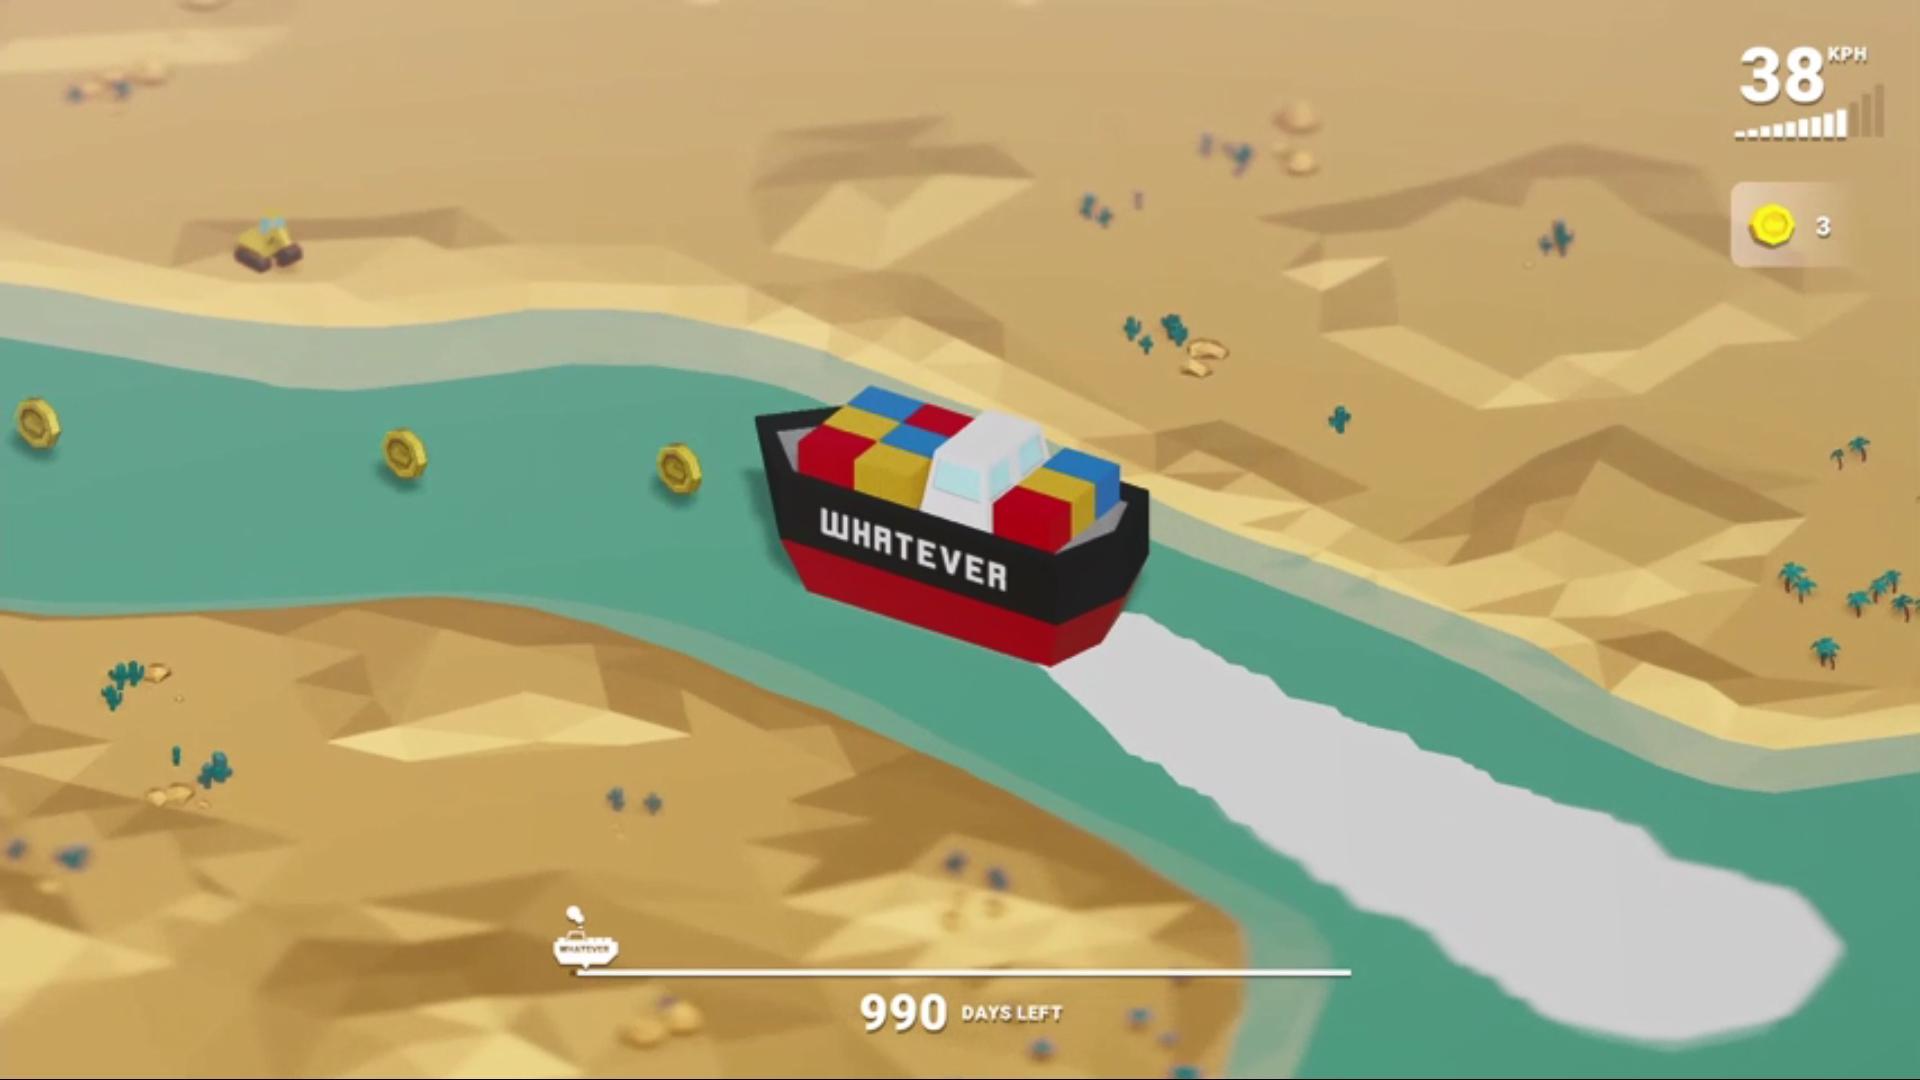 受苏伊士运河堵船事件启发 航行模拟游戏《WHATEVER》上架Steam